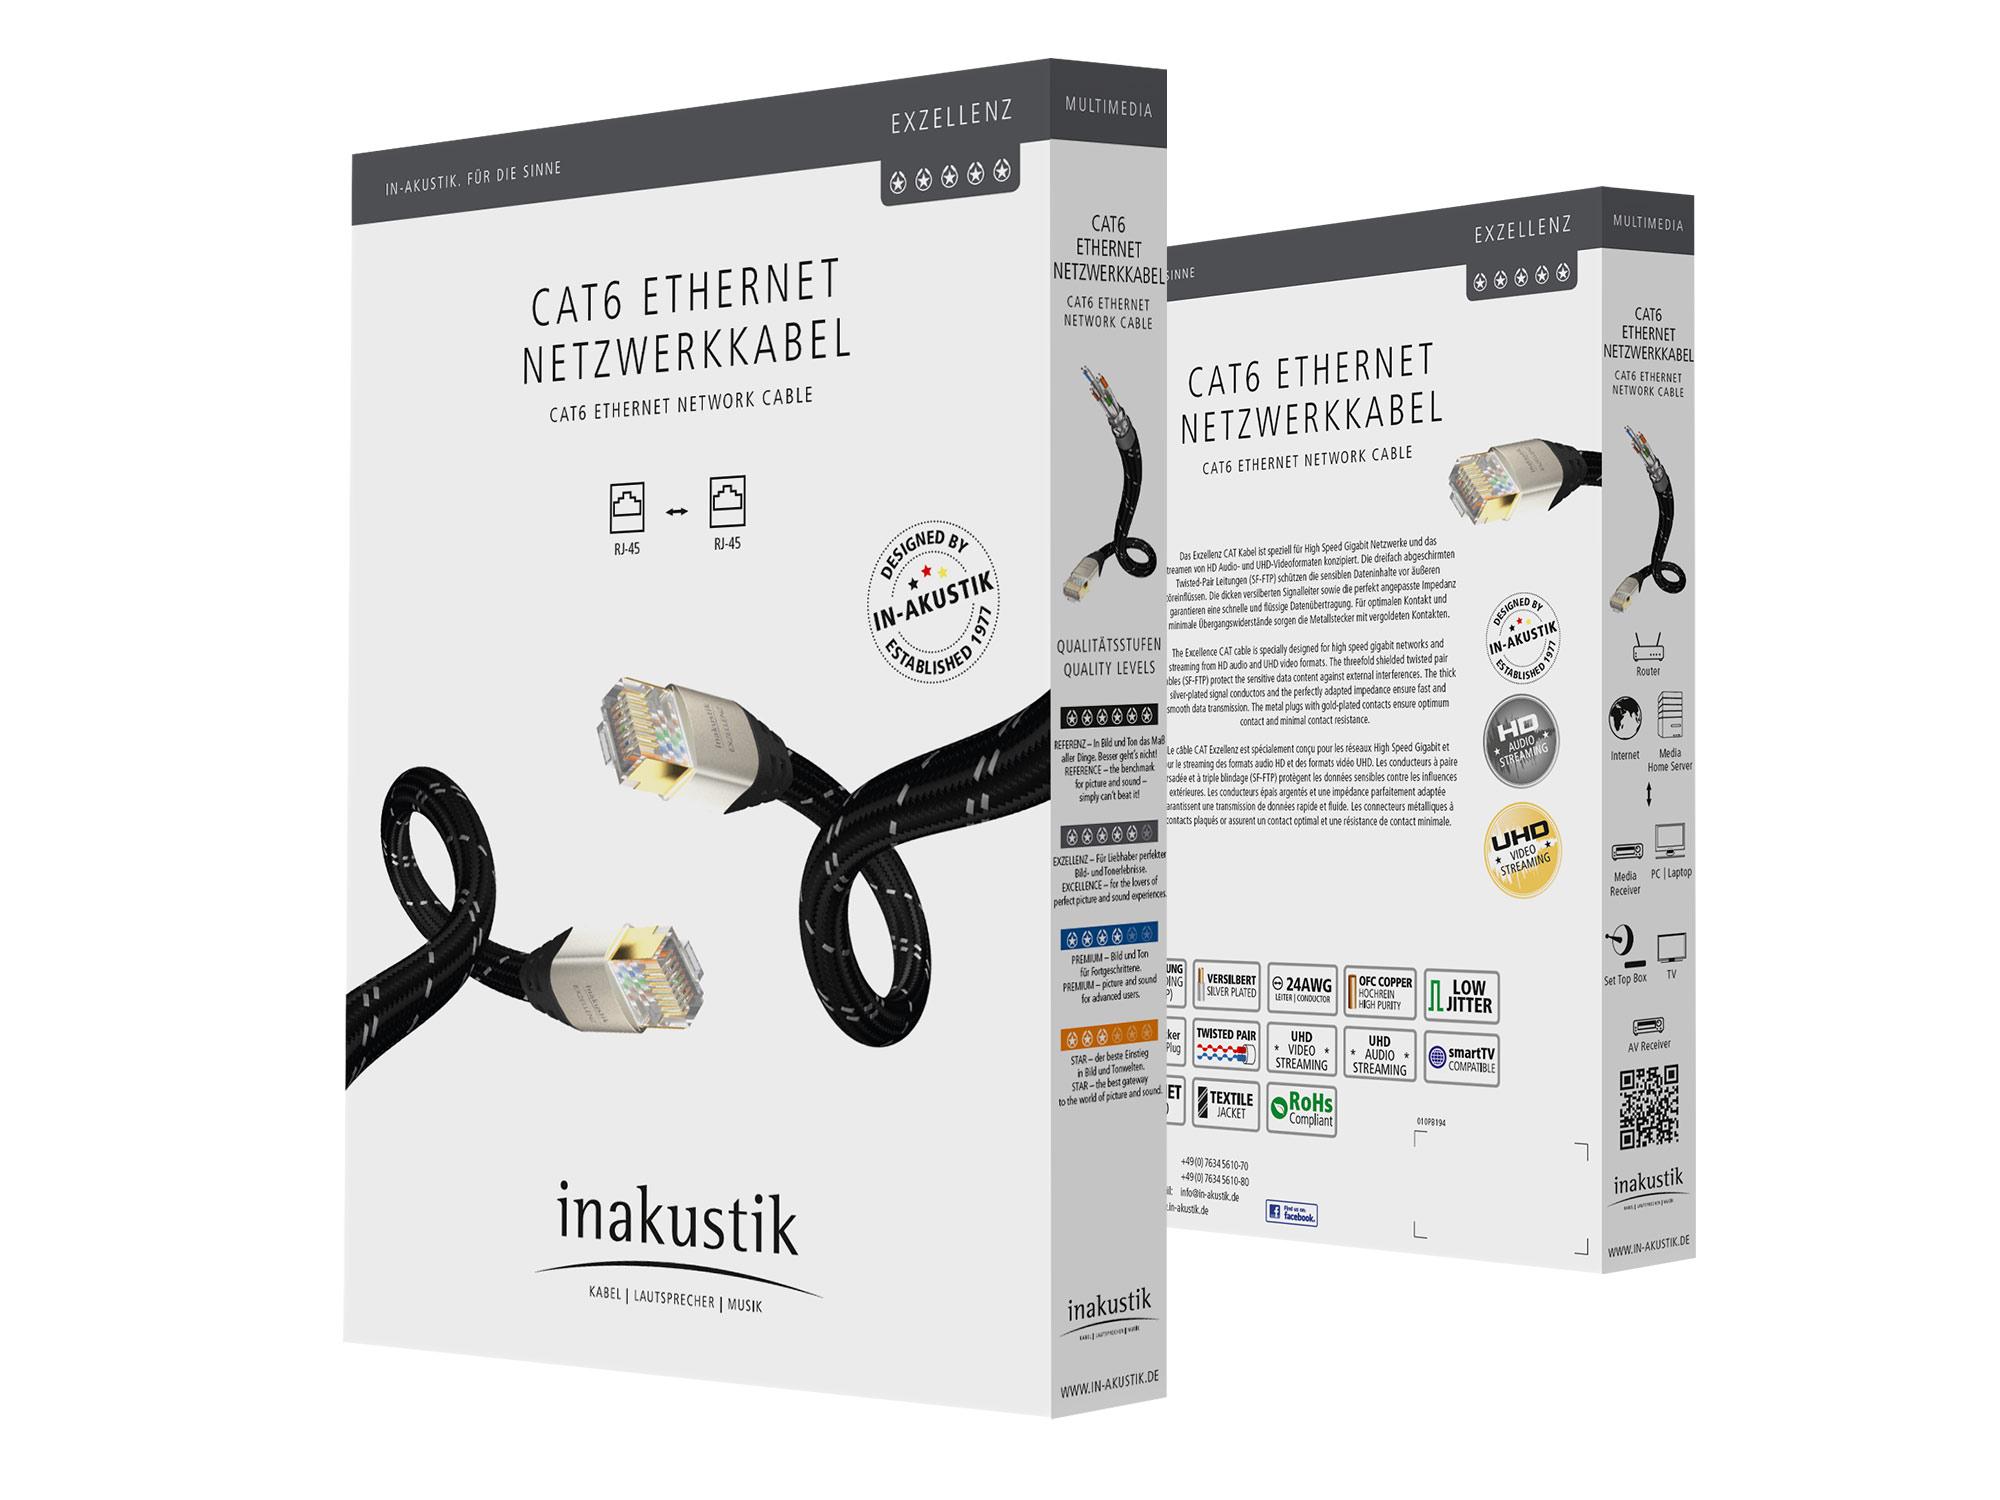 Fein Netzwerkkabel Kabel Bestellung Galerie - Verdrahtungsideen ...